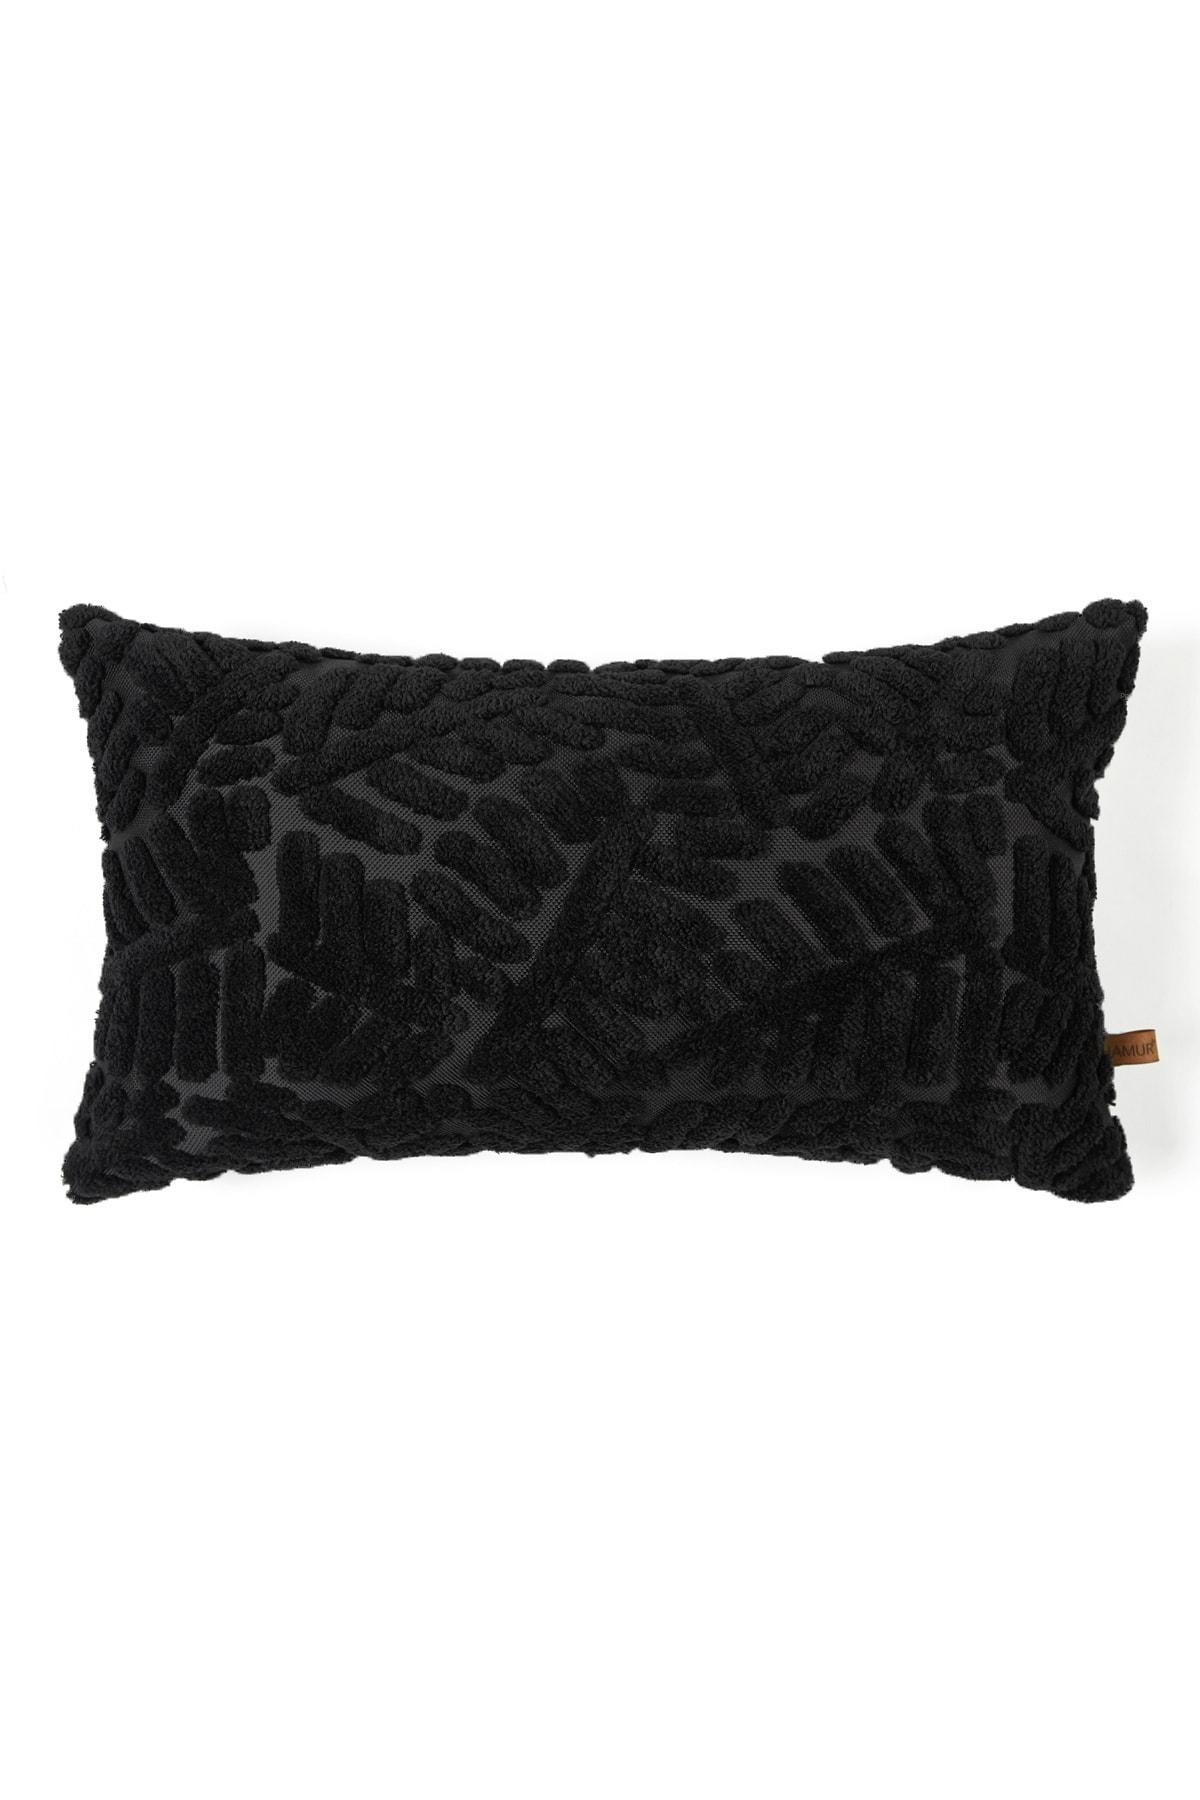 Bohem Özel Tasarım Punch Panç Desen Dikdörtgen Dekoratif Kırlent Kılıfı Forest Siyah